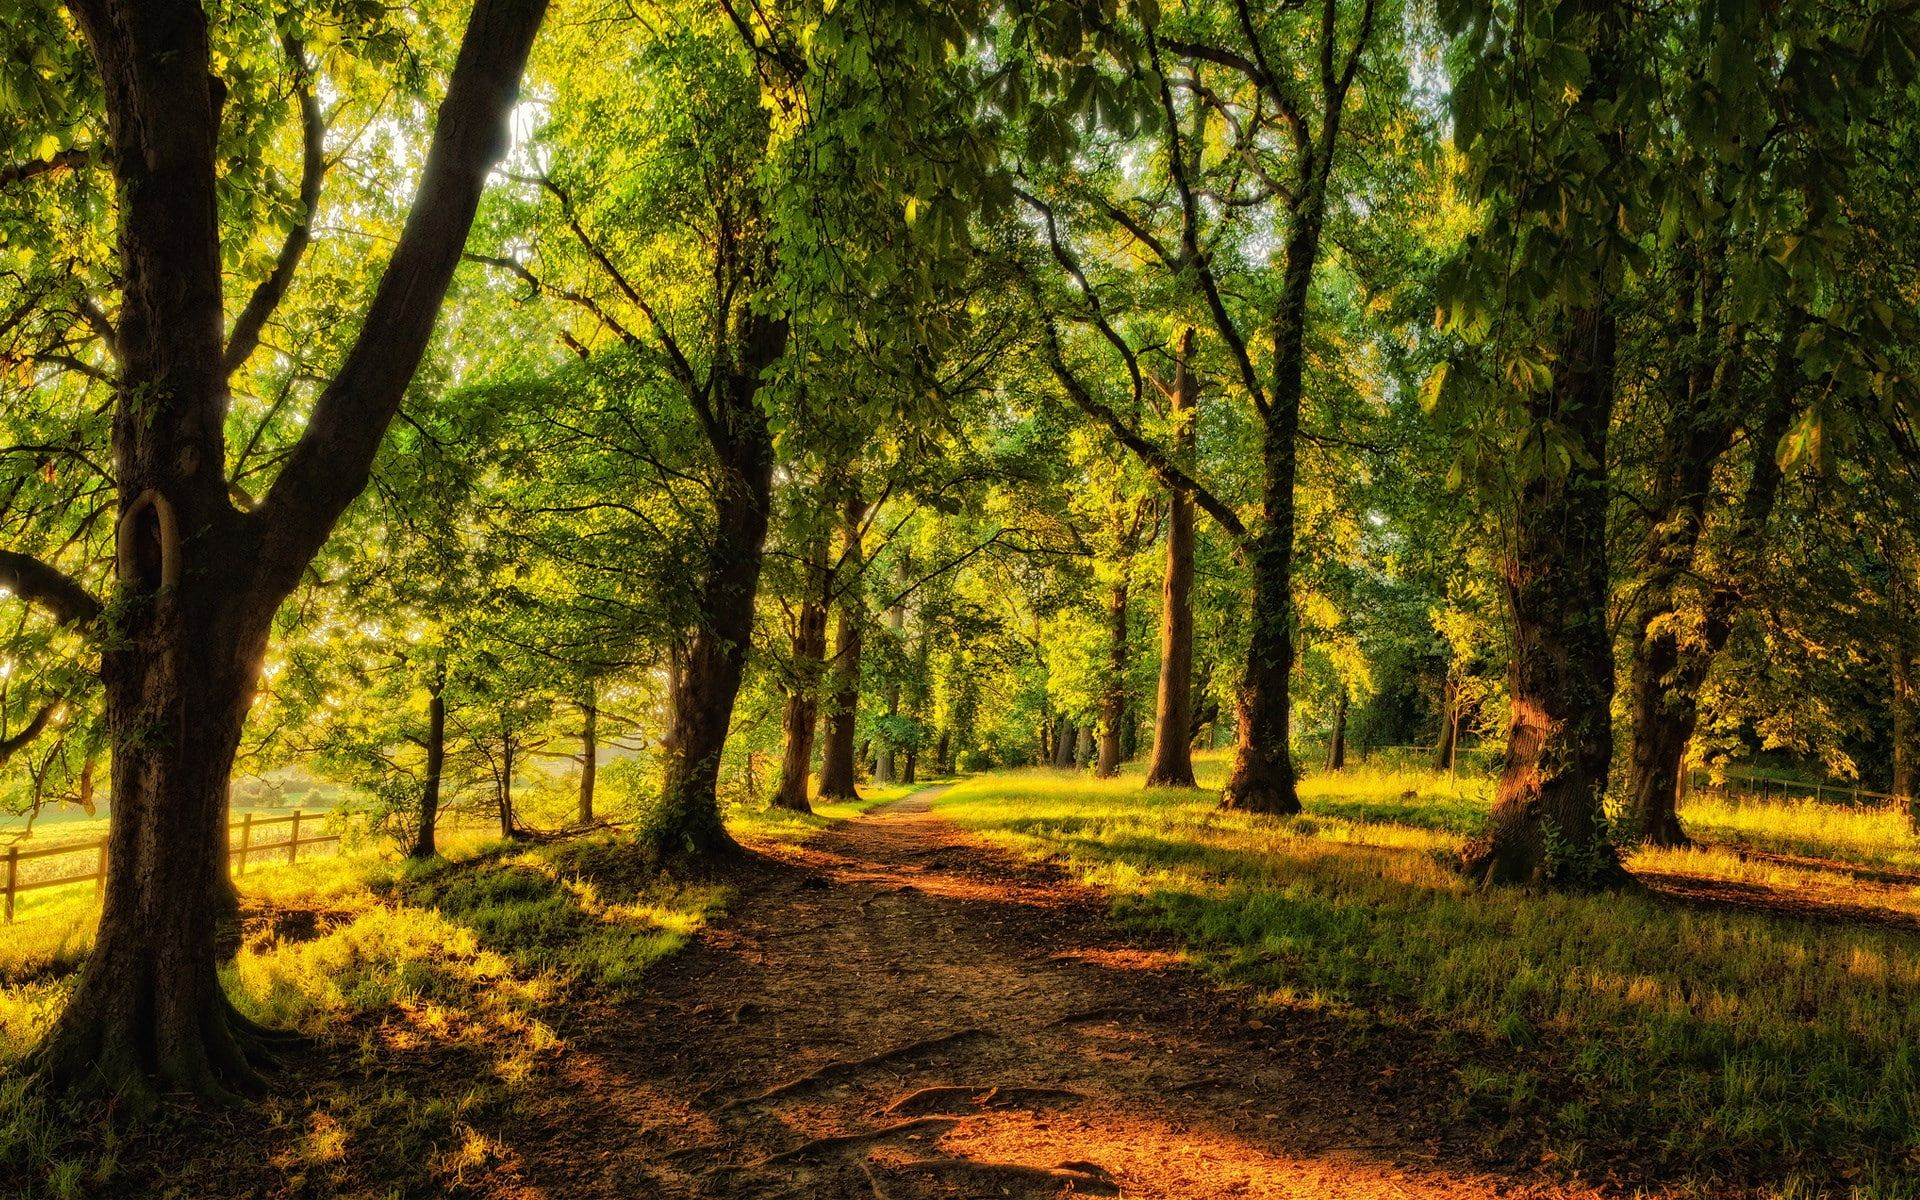 Image Background Nature Hd 1920x1200 1080p Wallpaper Hdwallpaper Desktop Paisajes Bosque